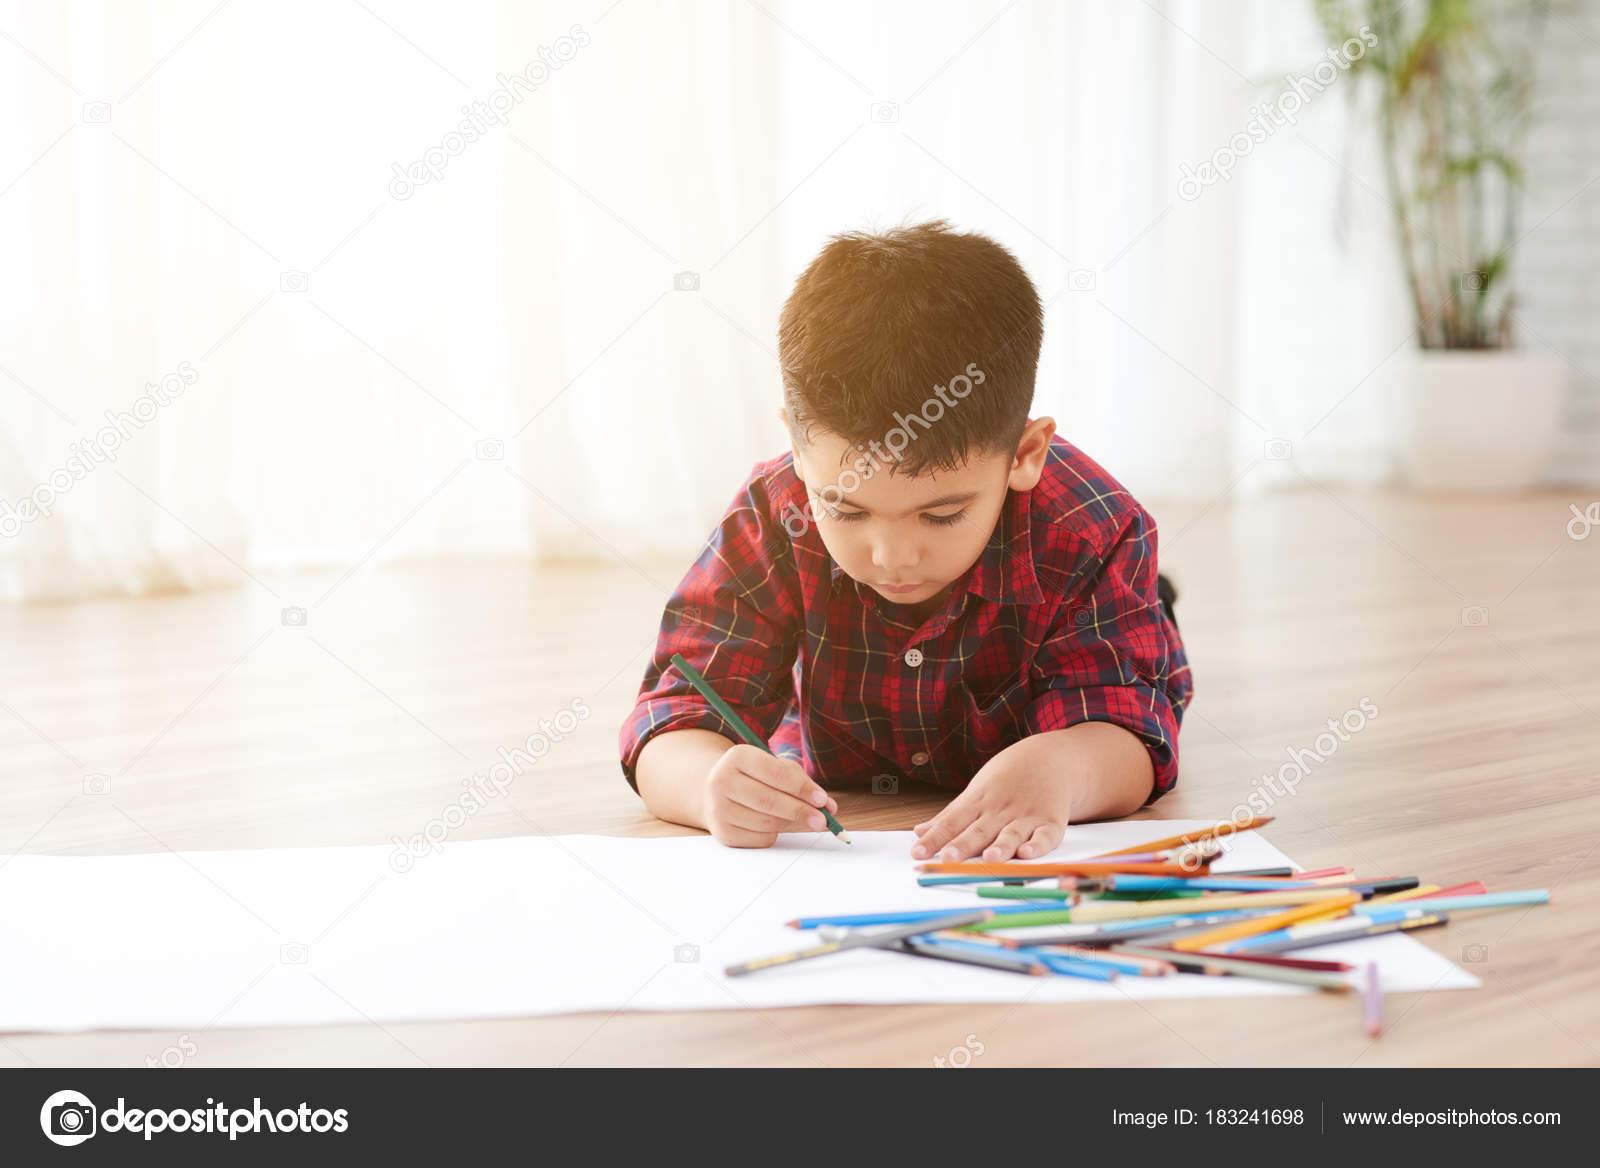 Erstaunlich Heller Boden Ideen Von Talentierte Junge Auf Dem Liegend Raum Und